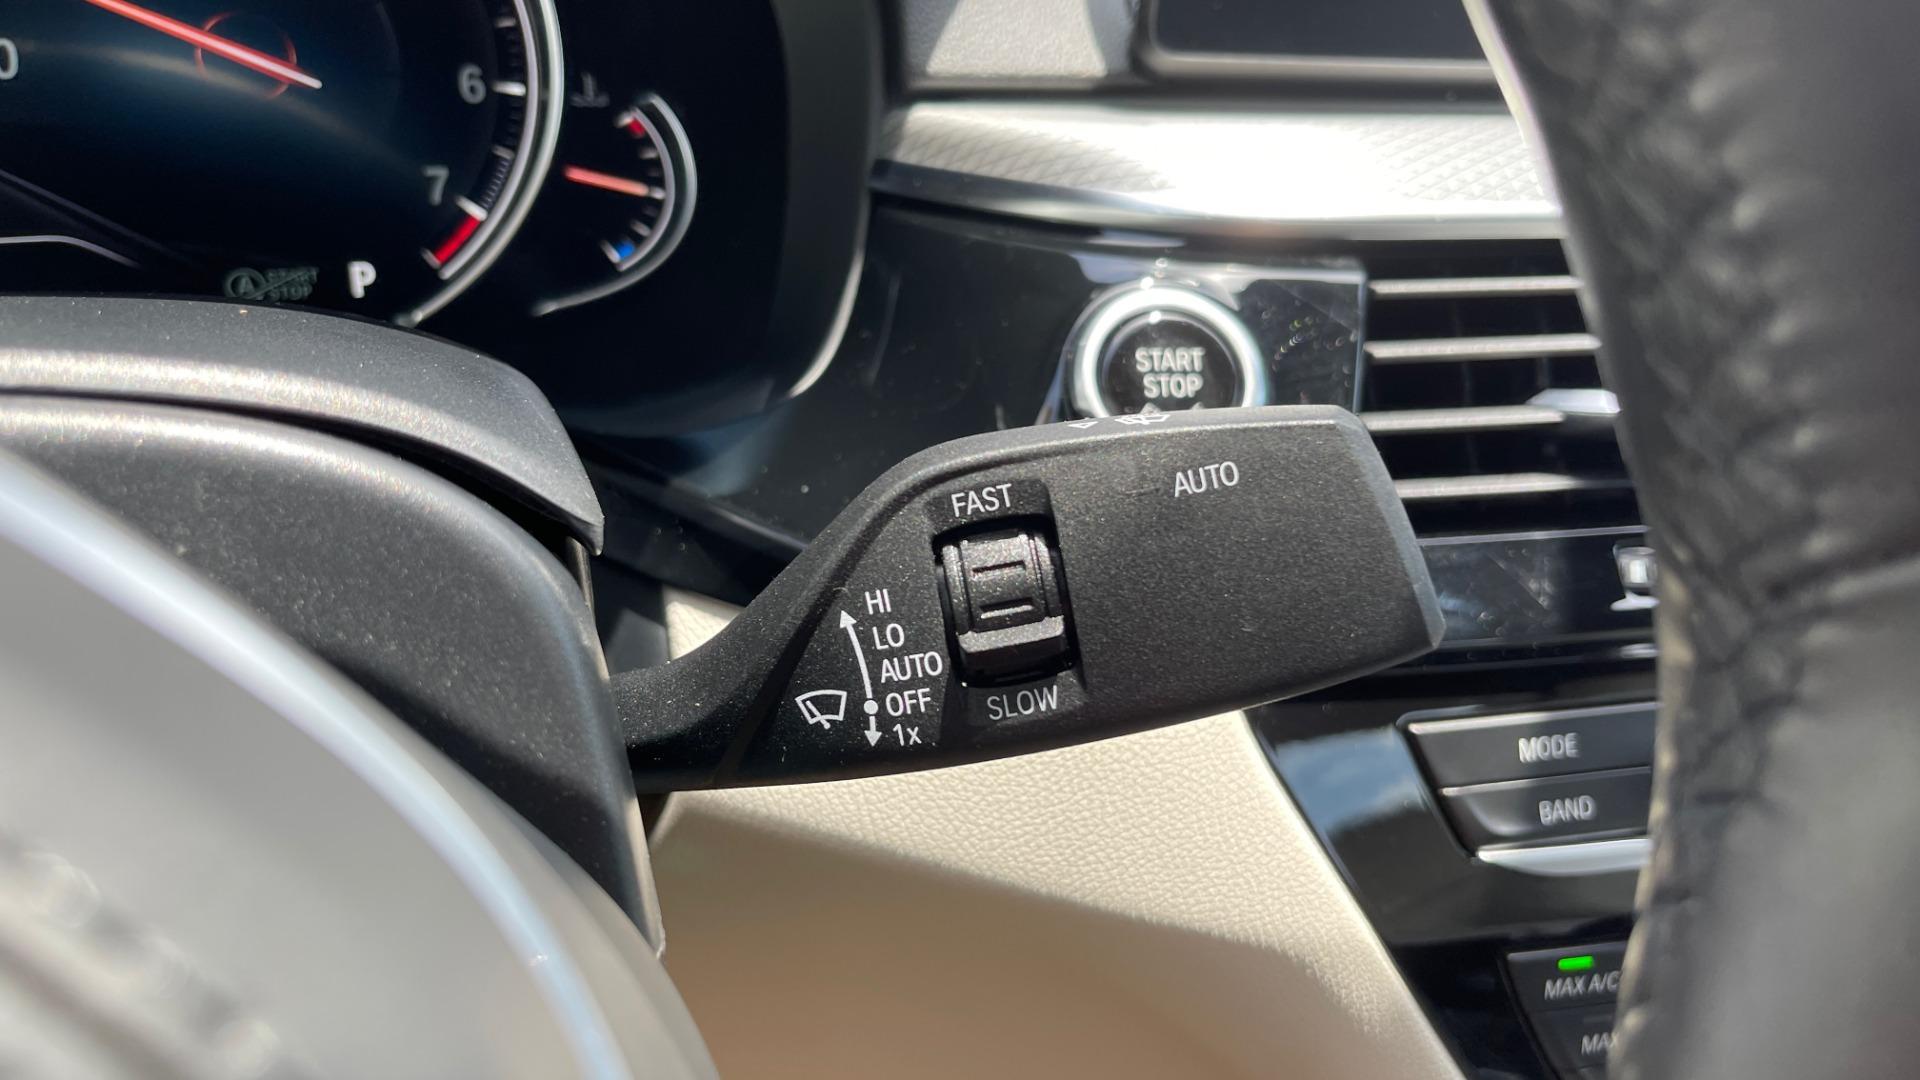 Used 2018 BMW 5 SERIES 540I M-SPORT / EXECUTIVE PKG / DRVR ASST PKG / BLIND SPOT / LANE DEPART for sale $40,995 at Formula Imports in Charlotte NC 28227 42